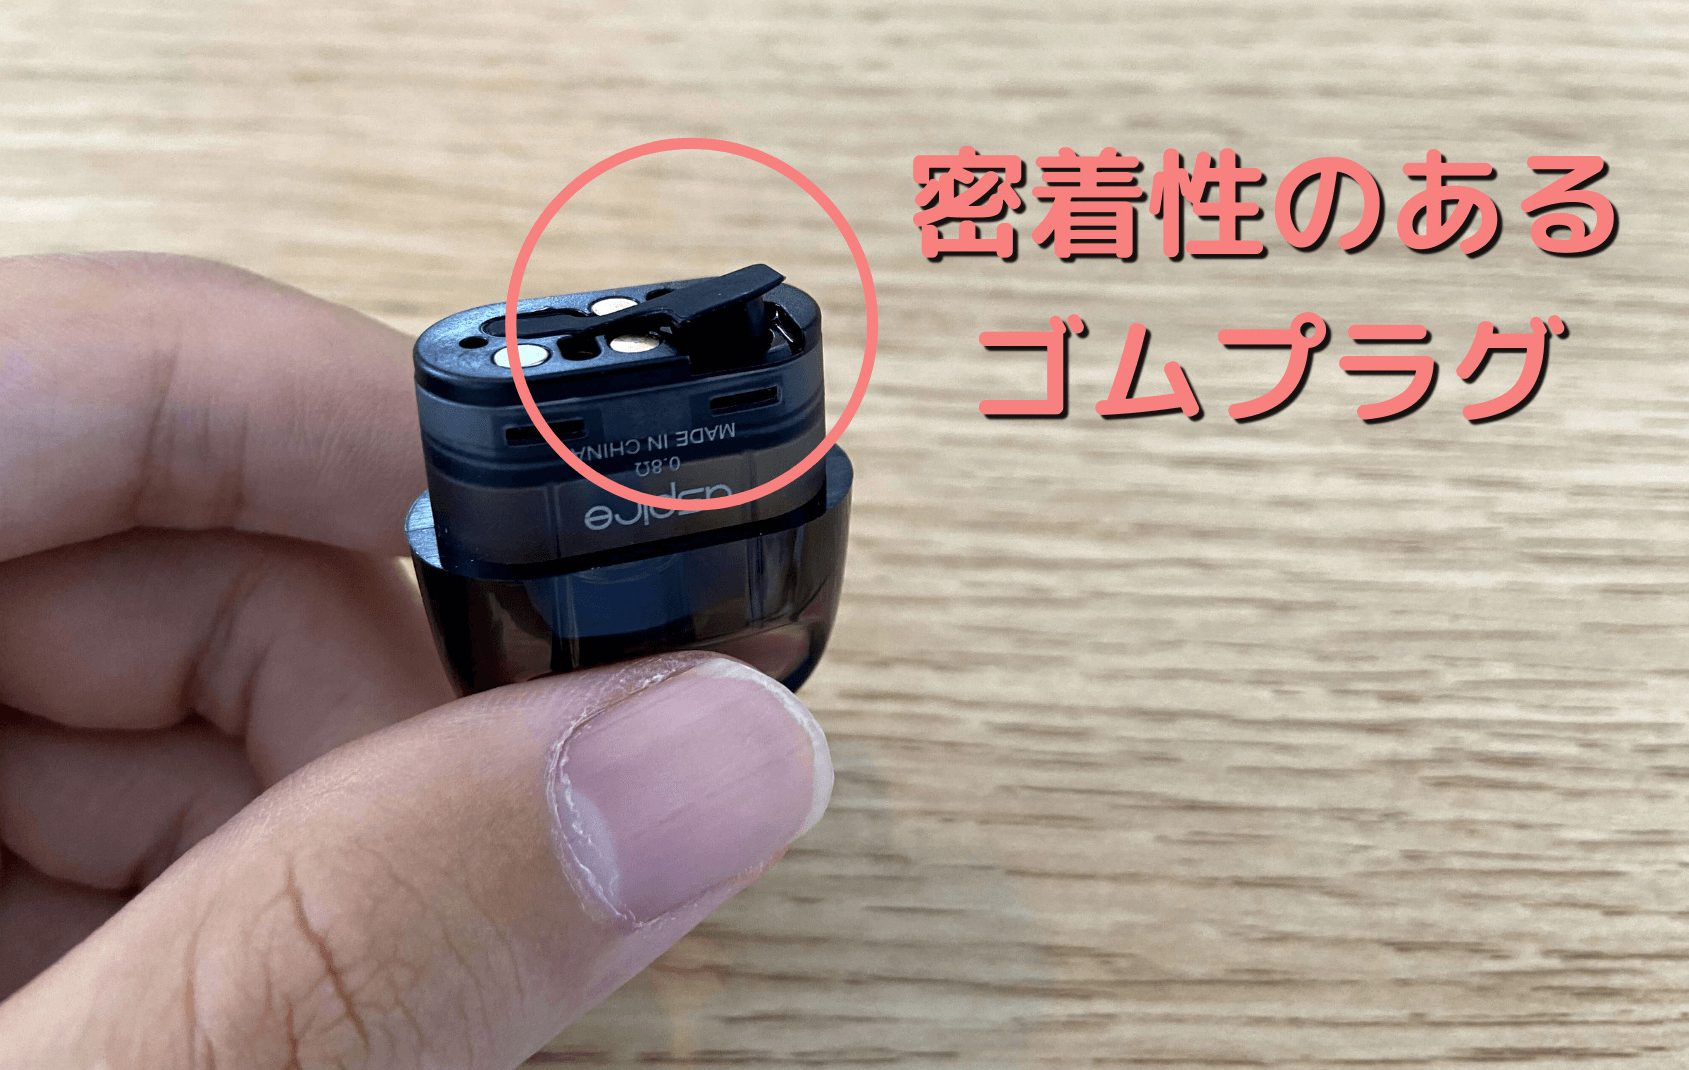 Minicanプラスのゴムプラグ